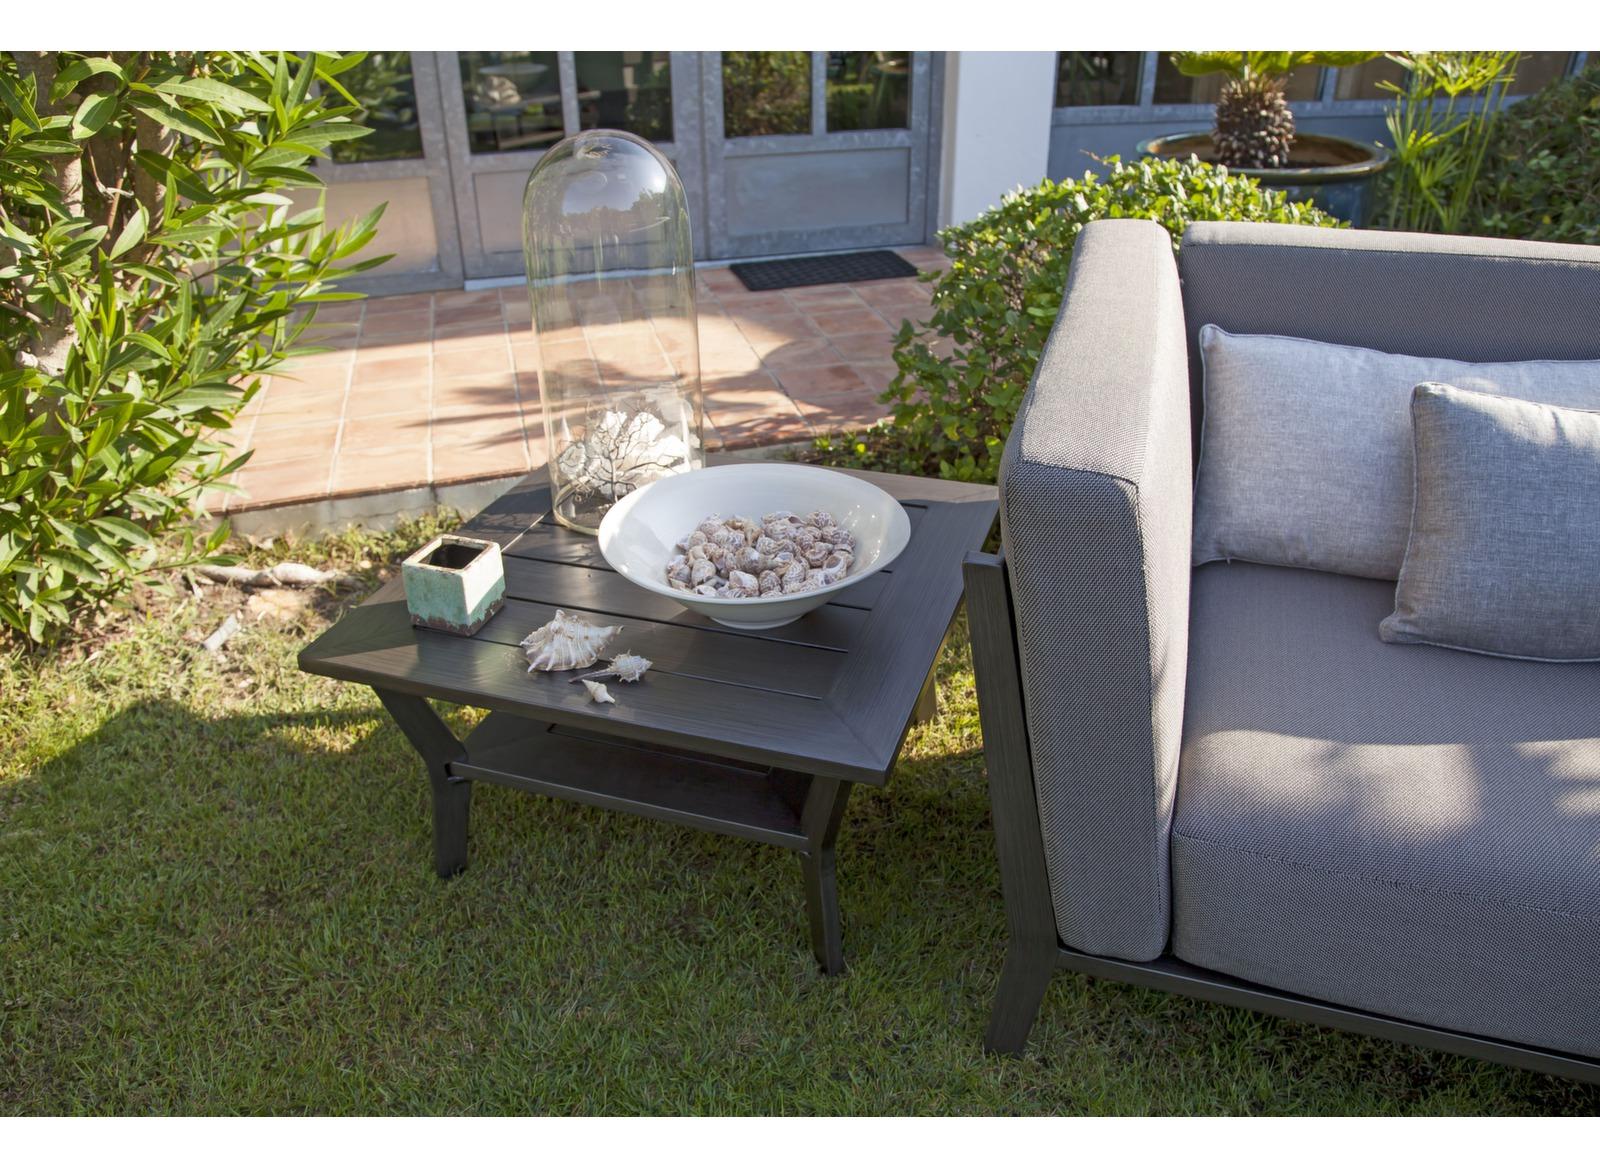 Promotion - Table basse de jardin carrée Sofa 66cm - Proloisirs